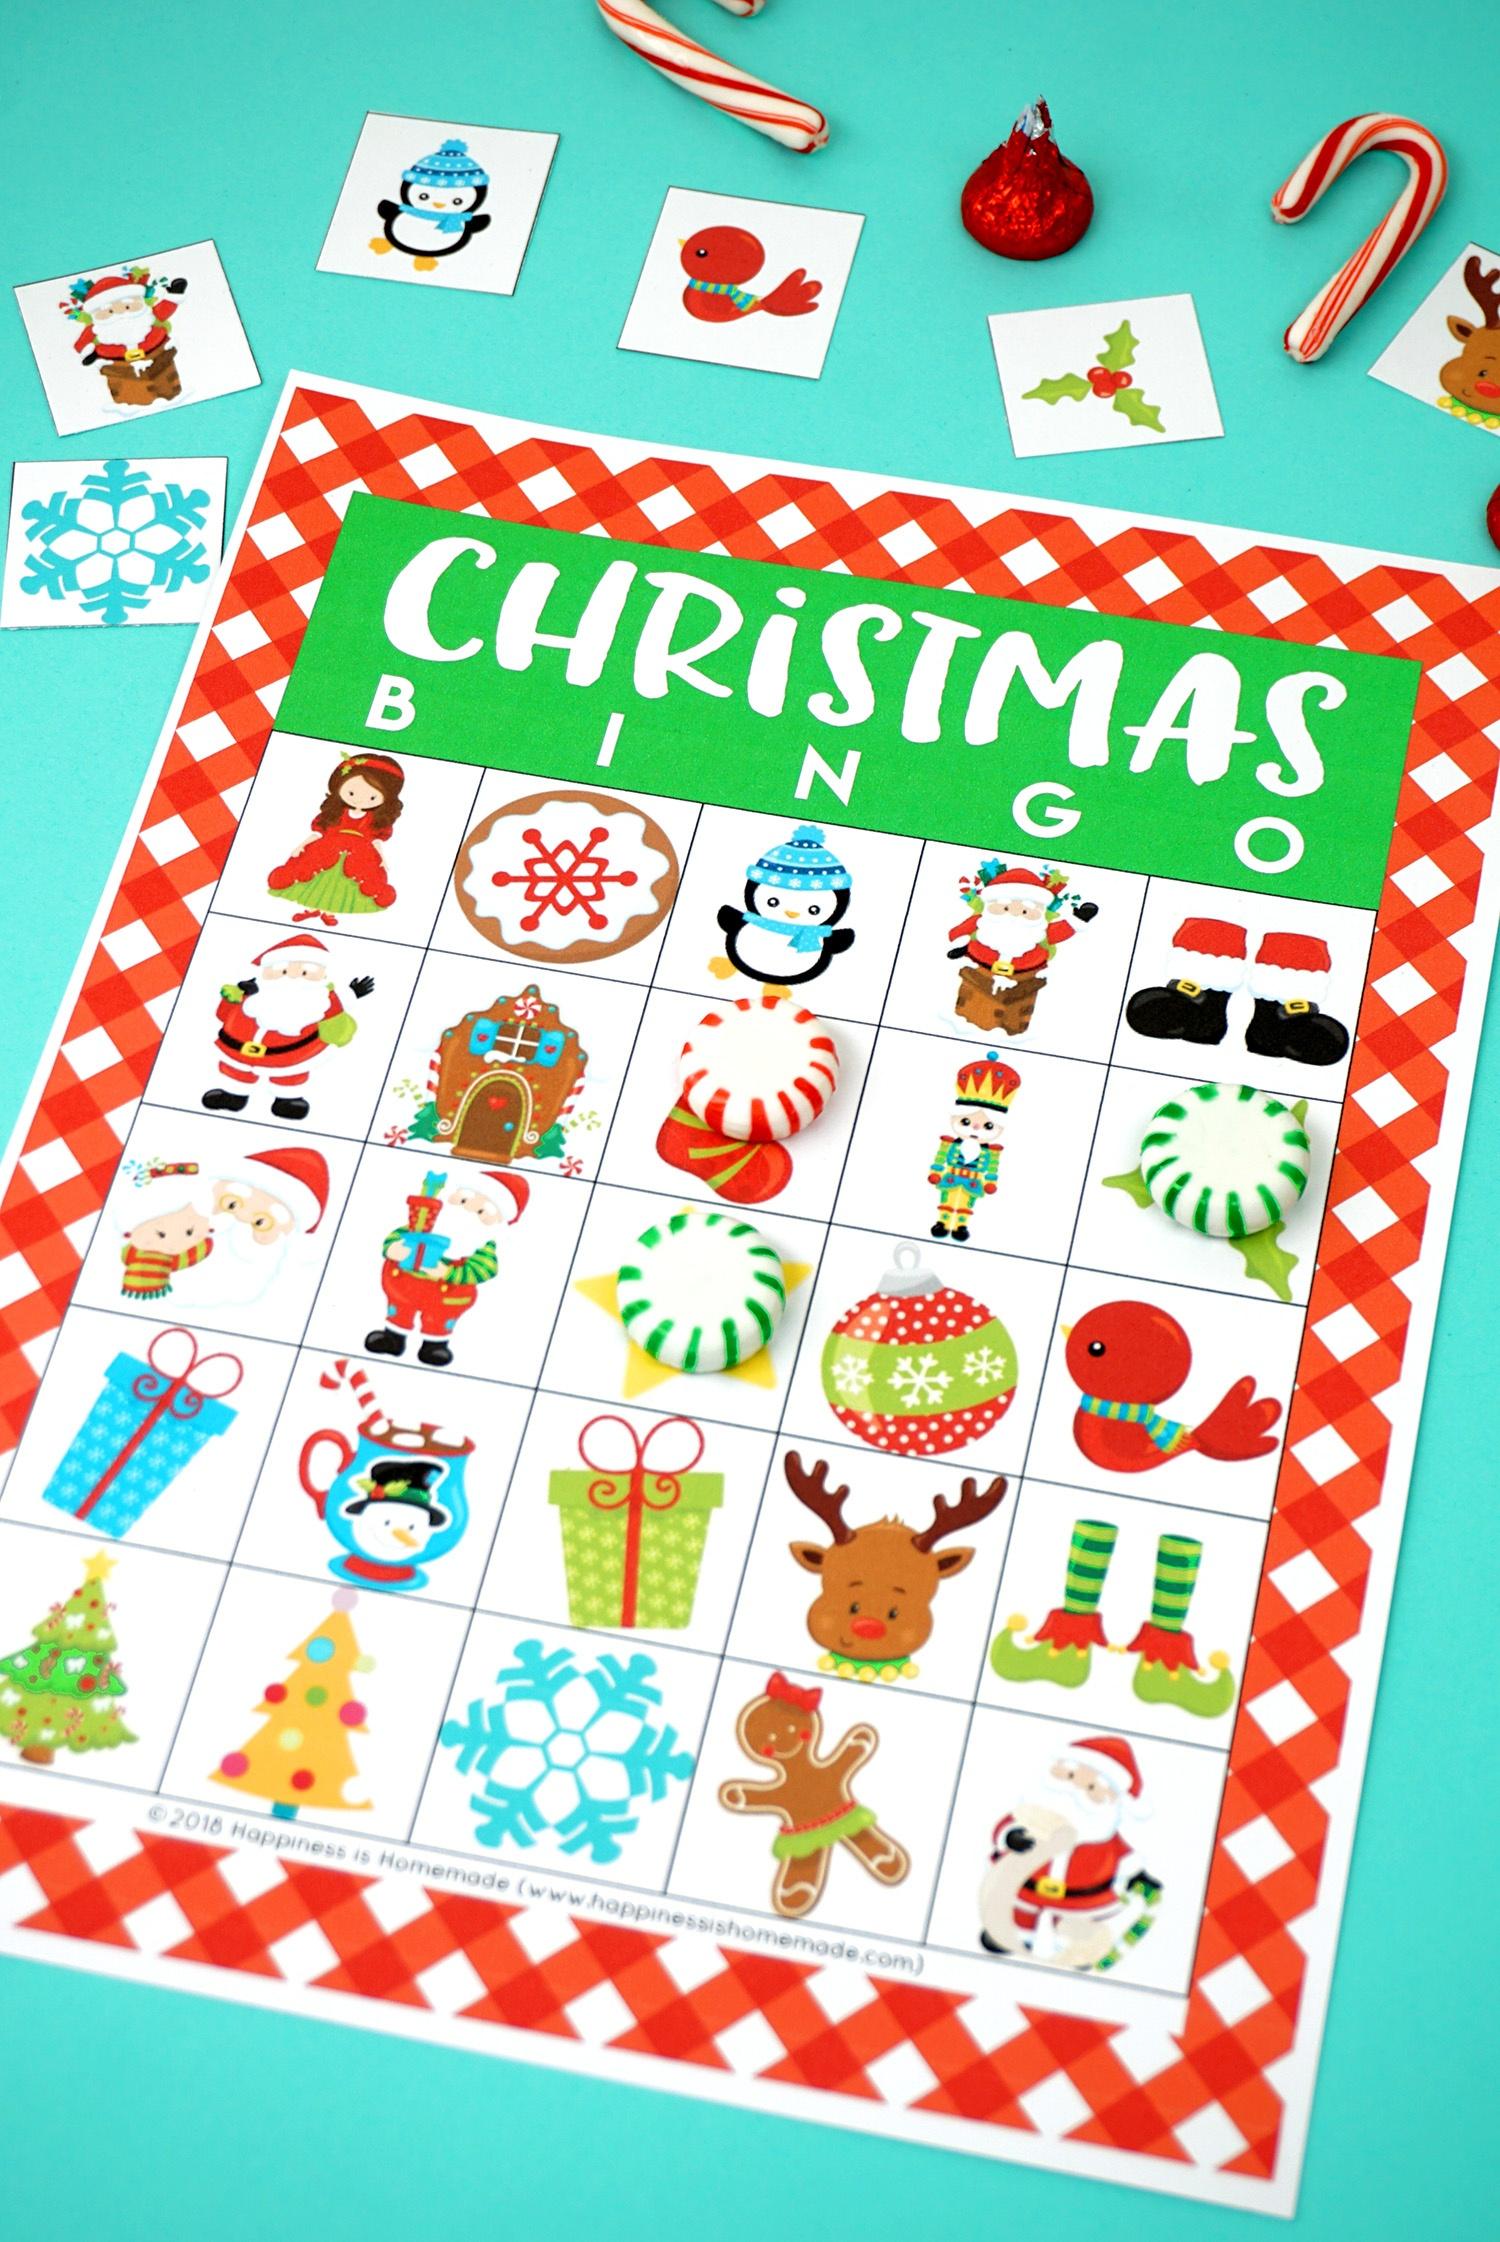 Printable Christmas Bingo Game - Happiness Is Homemade - Free Christmas Bingo Game Printable